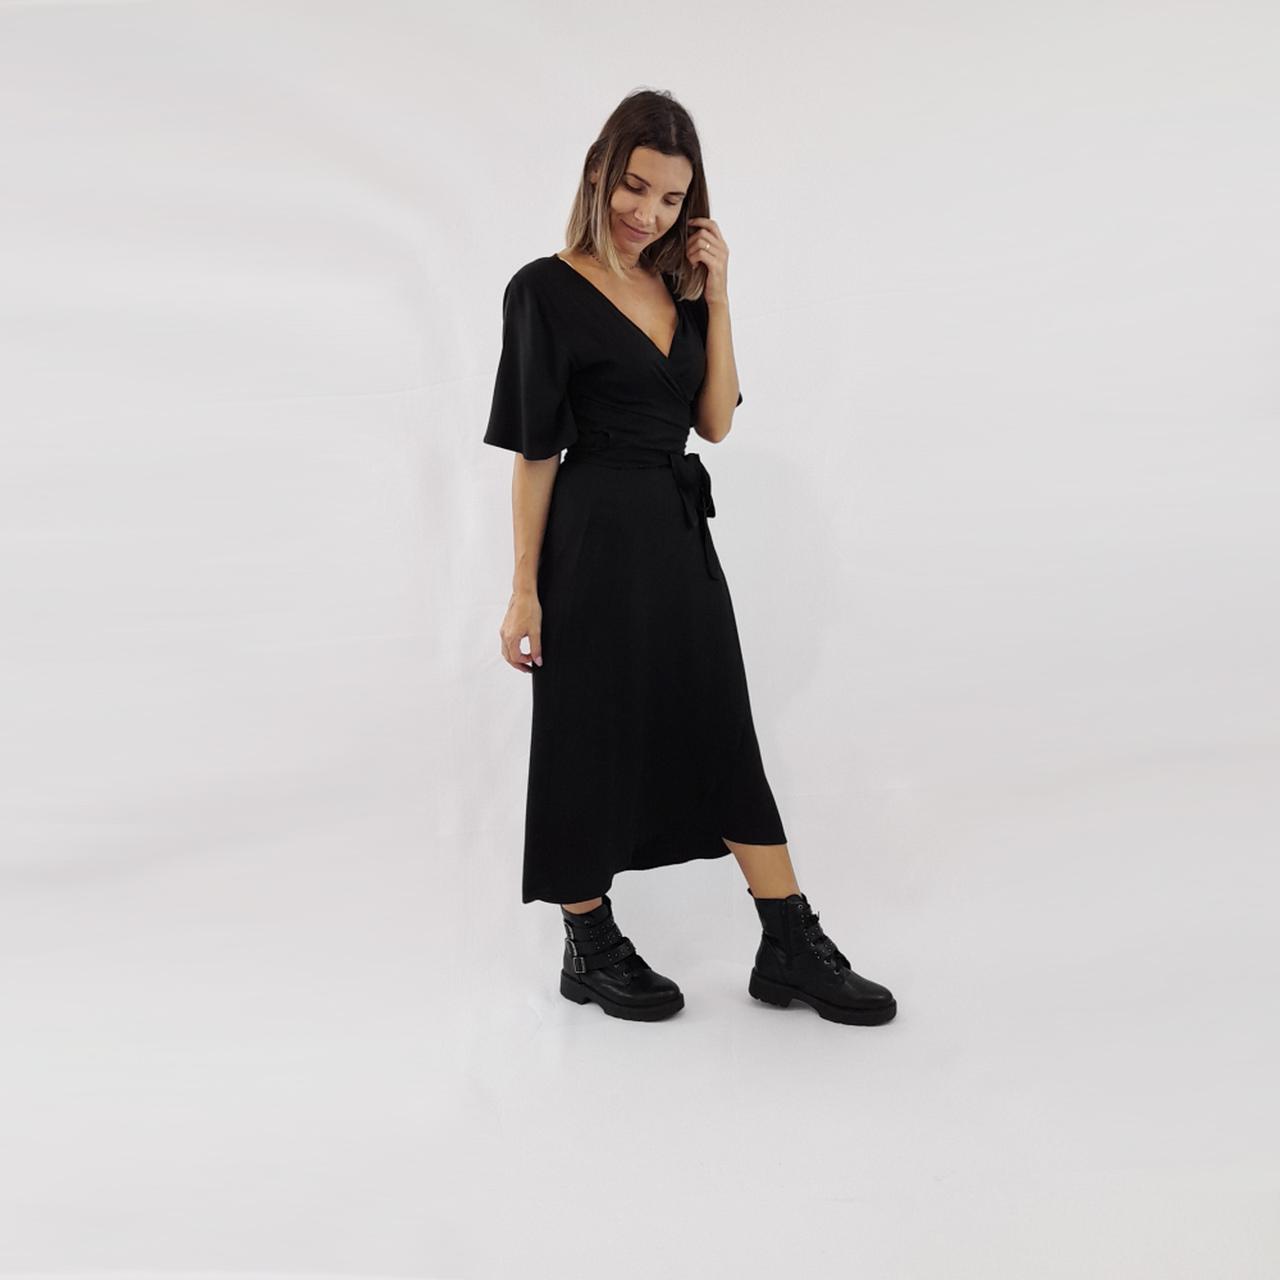 Vestido Transpassado Juli - Preto